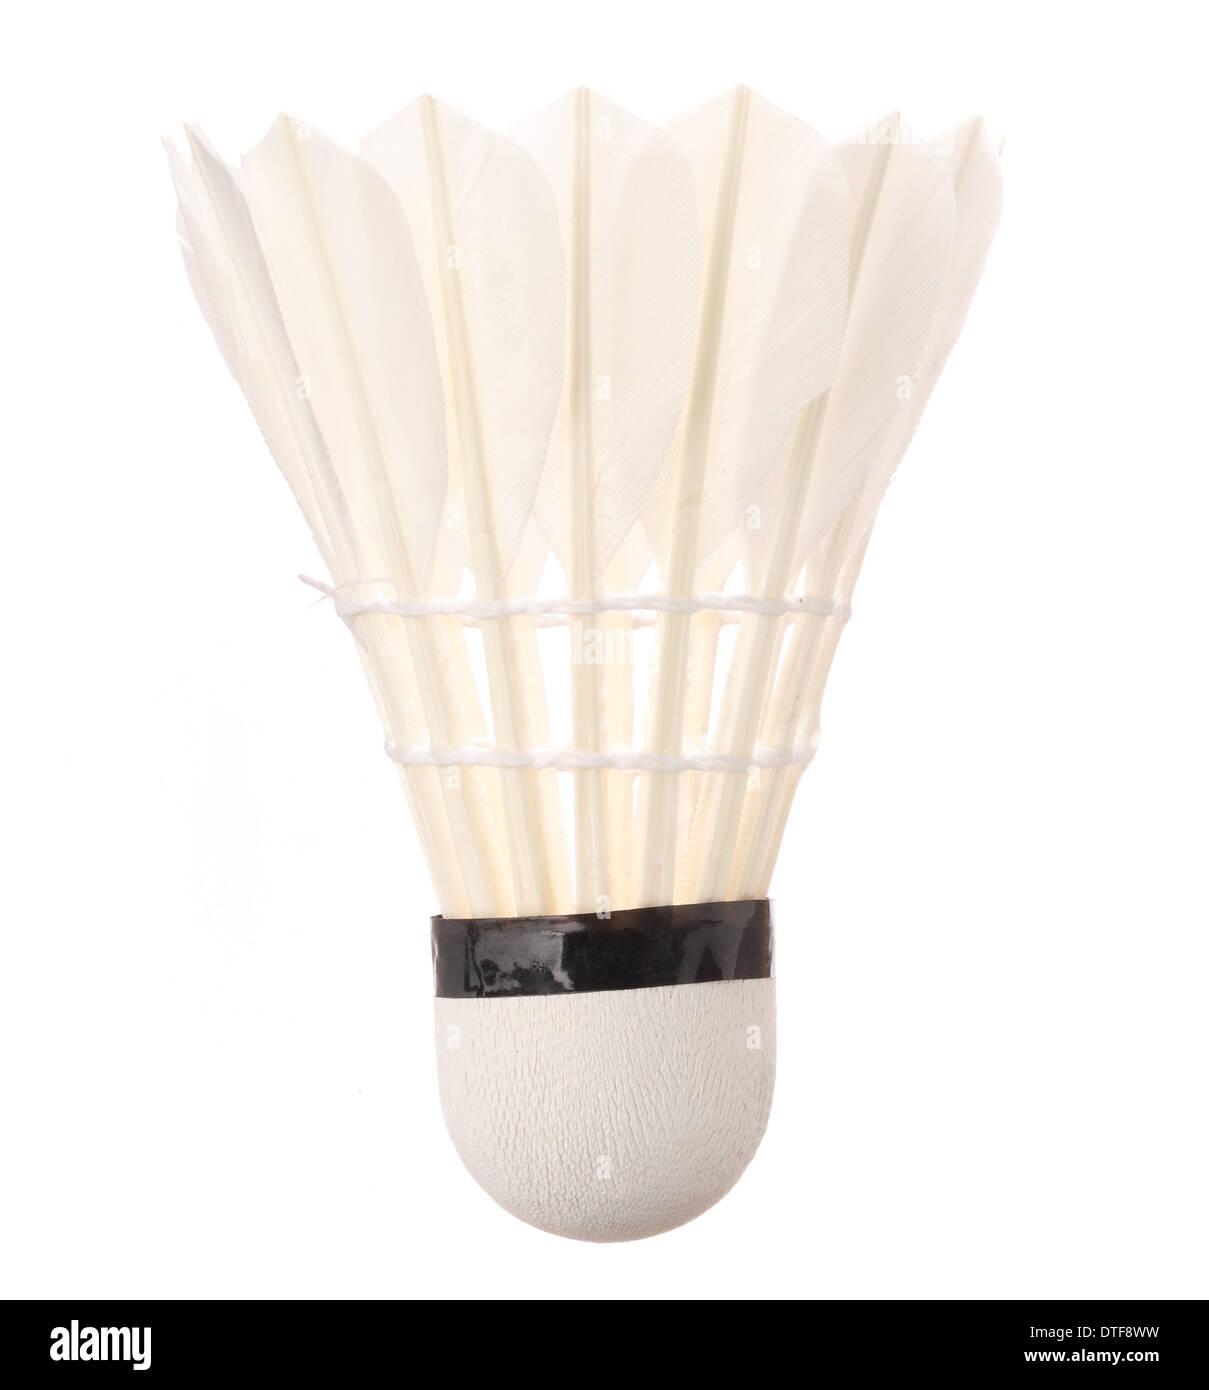 Un volant de badminton isolé sur fond blanc Photo Stock